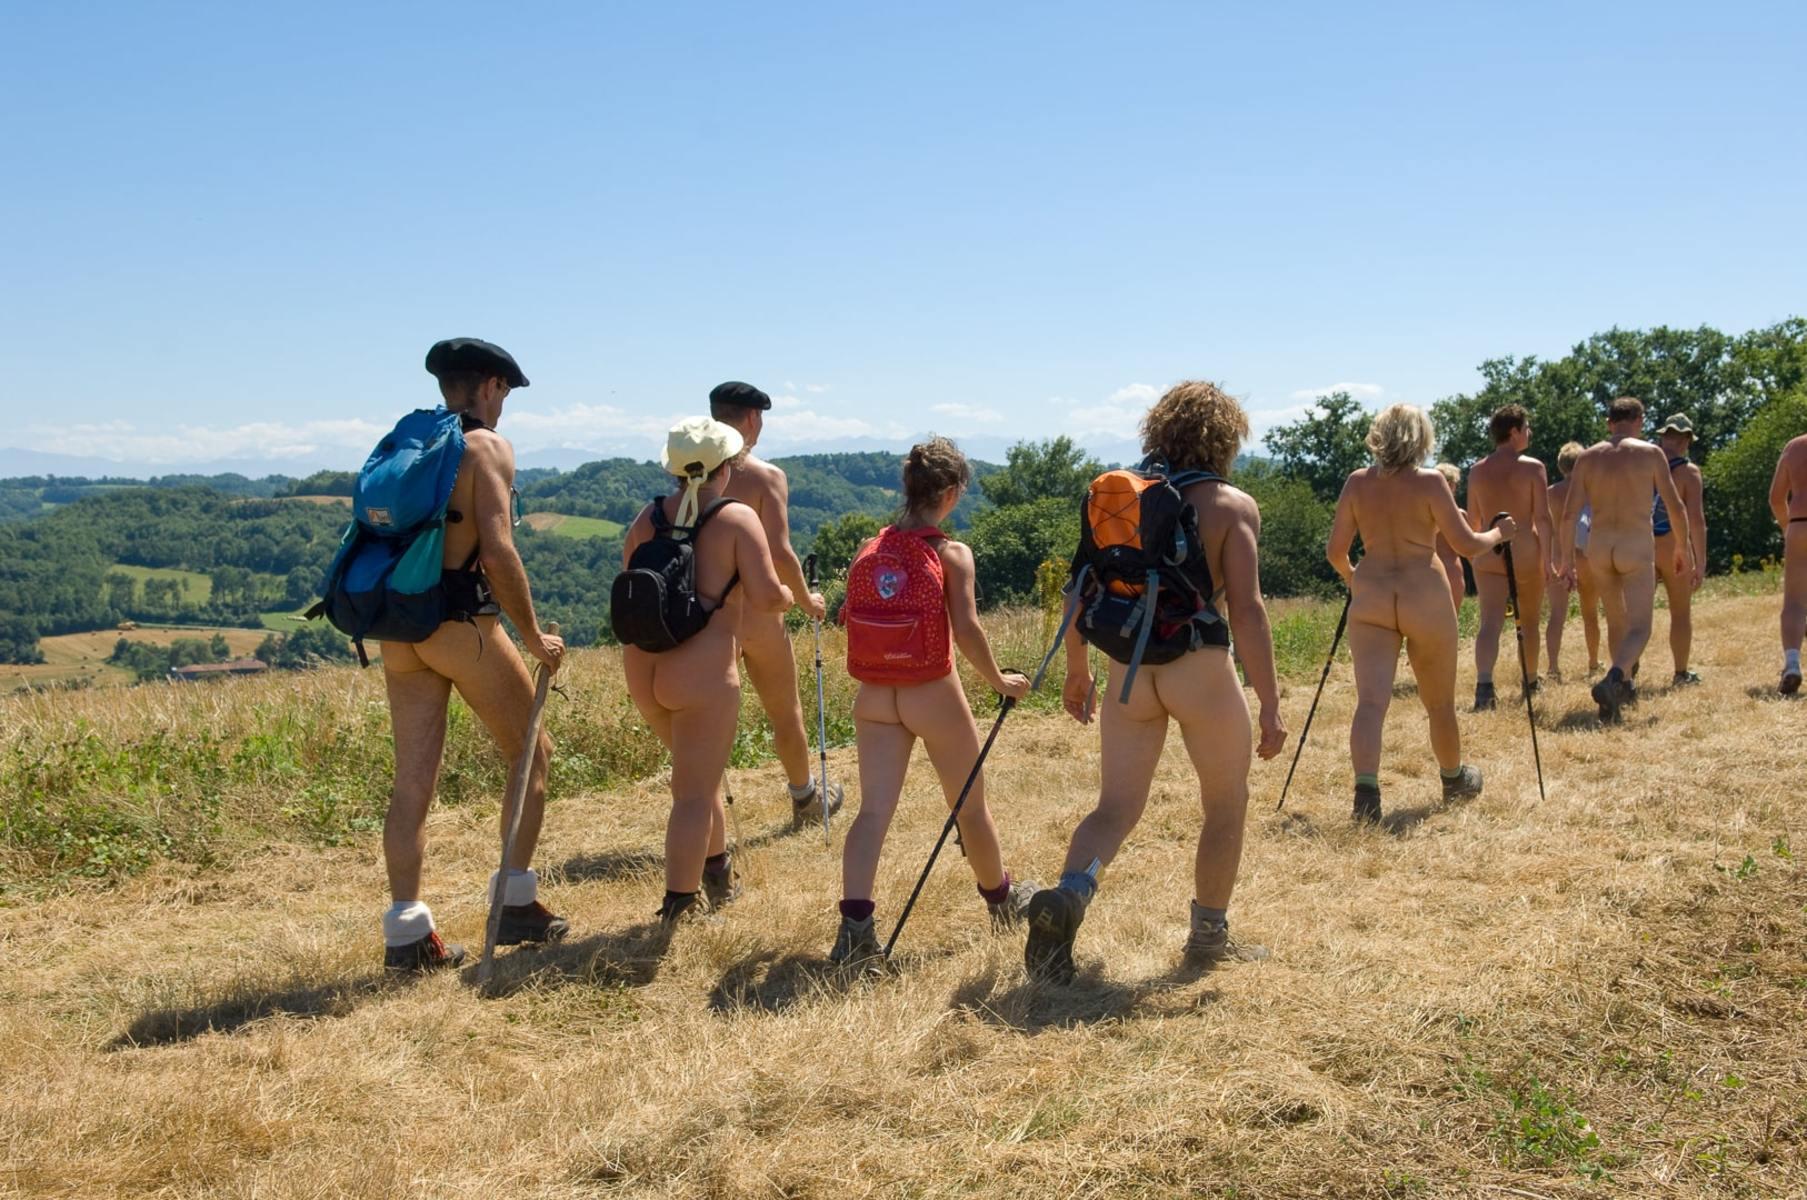 Randonnée nue : profiter de la nature de la manière la plus naturelle